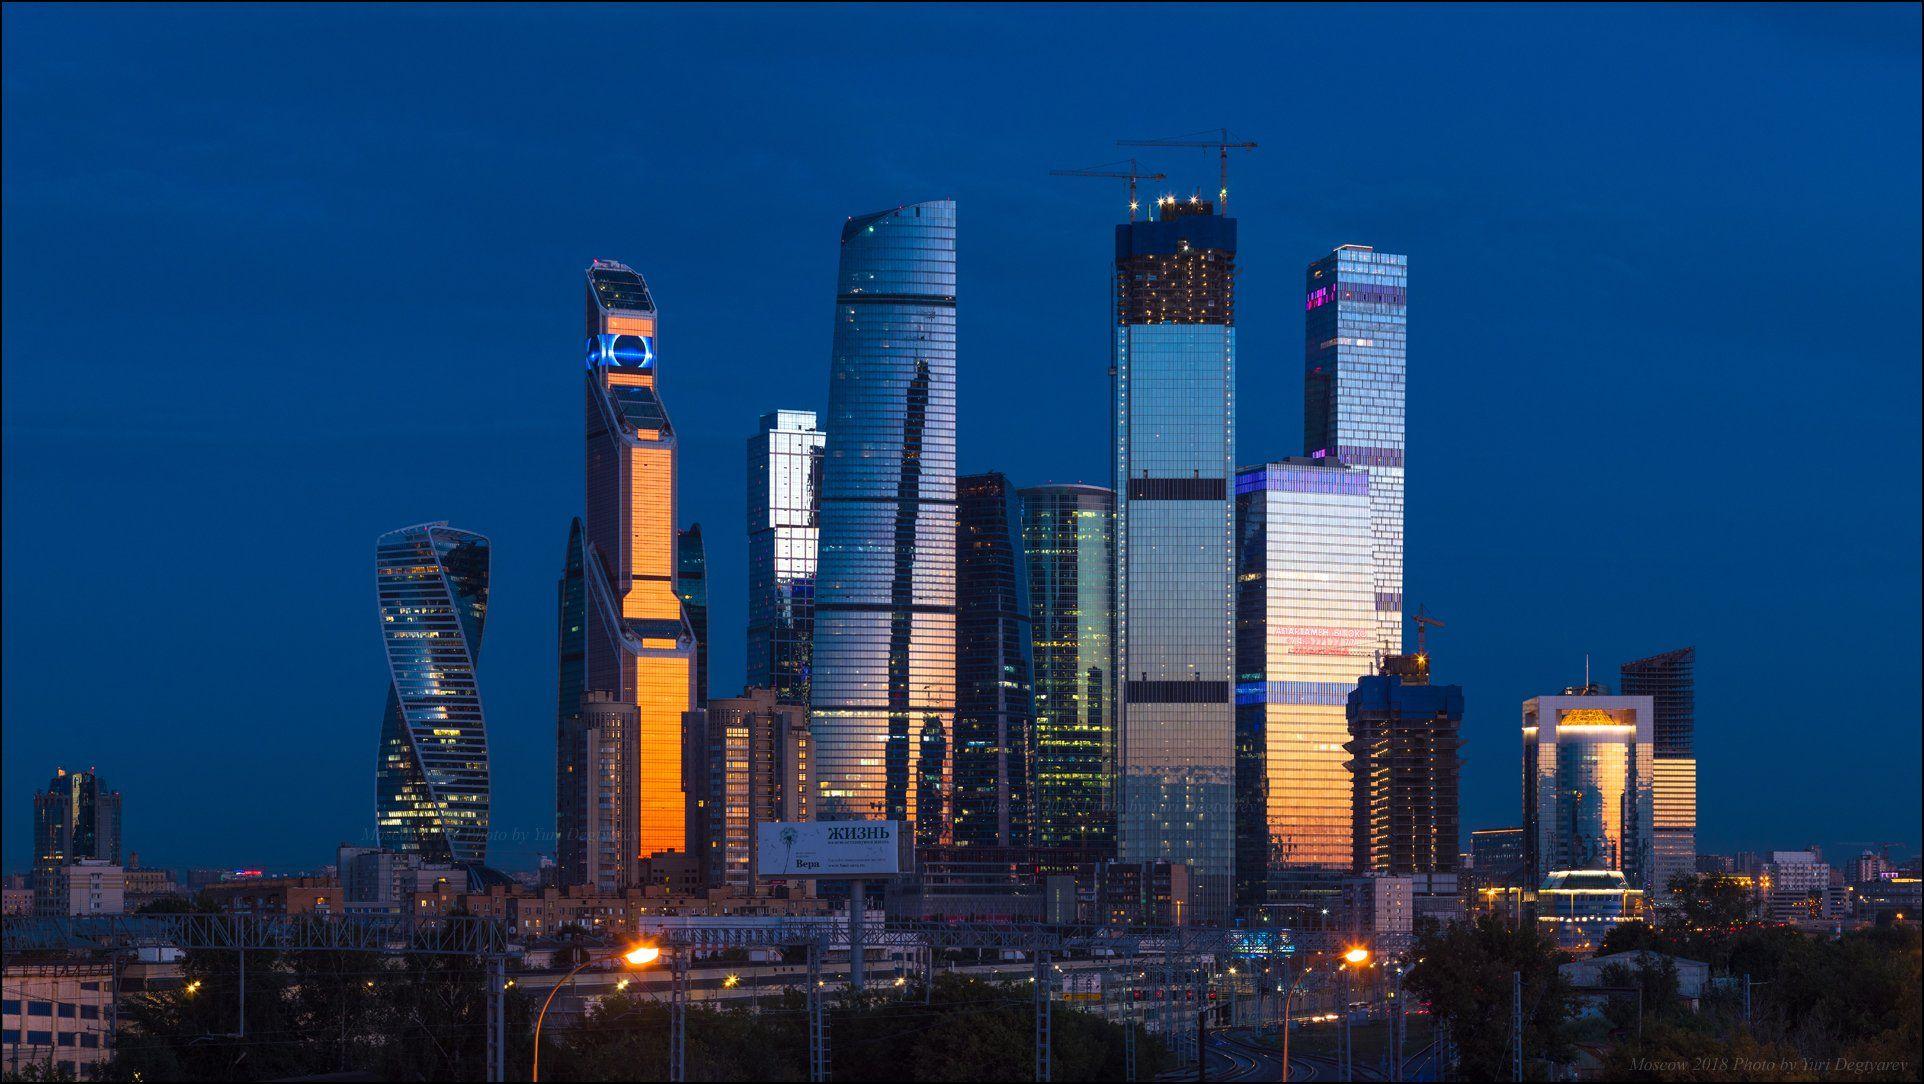 город, Москва, Сити, высотки, небоскребы, закат, вечер, столица, Меркурий, ОКО, Neva, Towers, Федерация, Юрий Дегтярёв